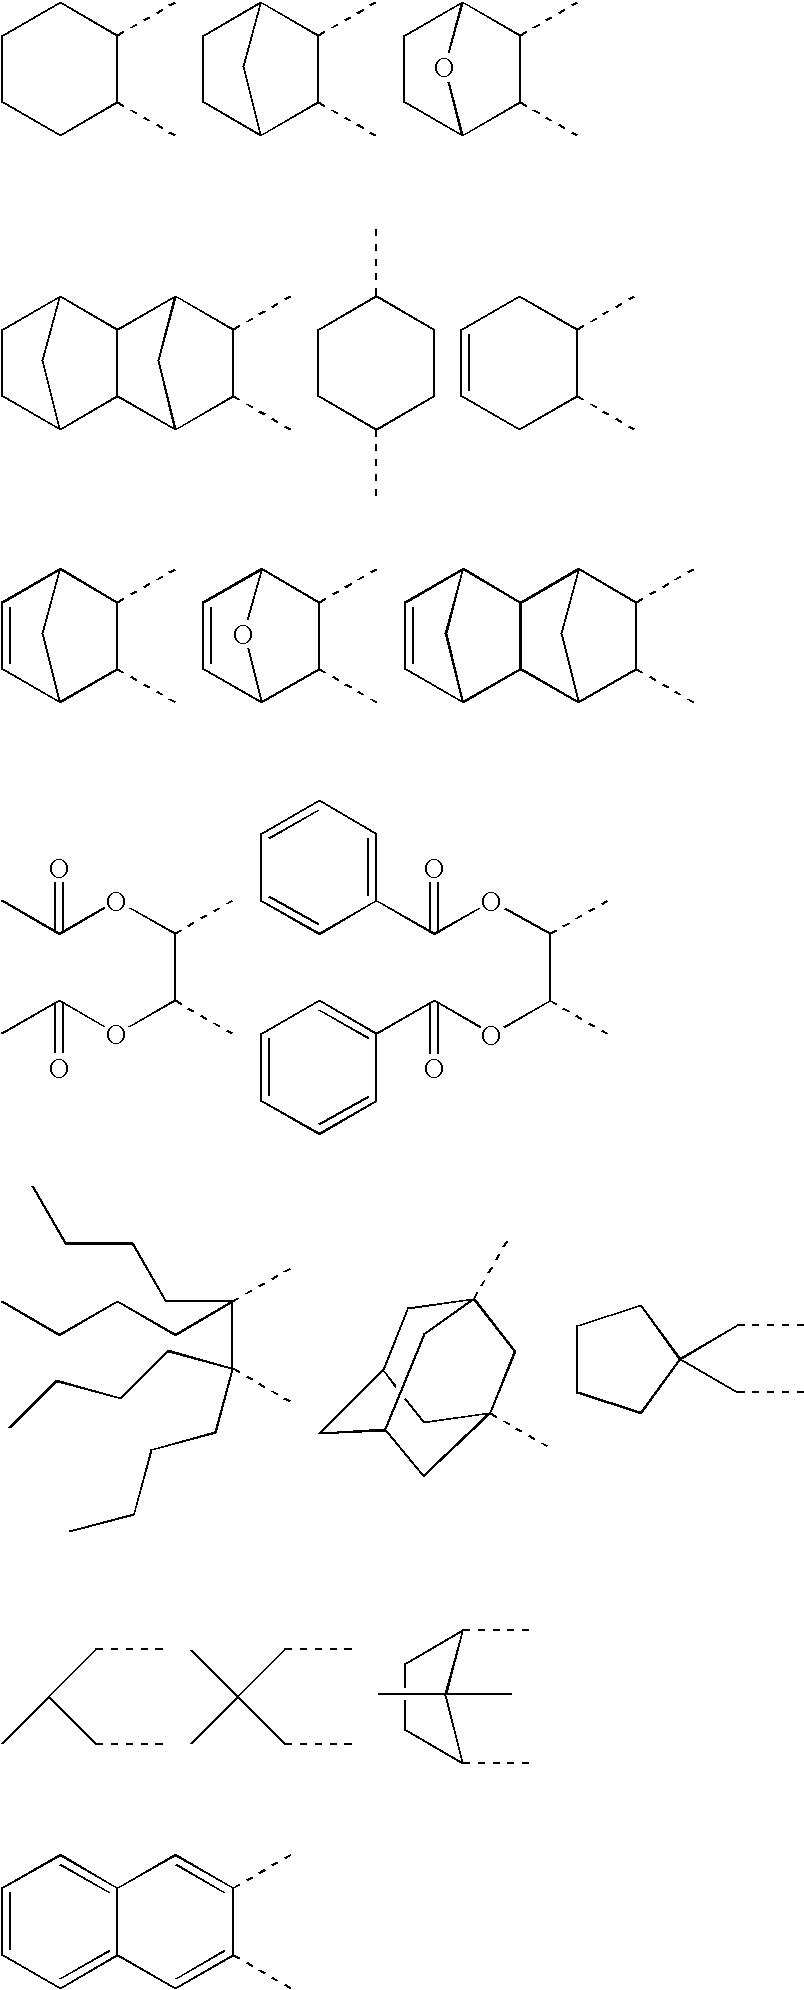 Figure US20080085469A1-20080410-C00003